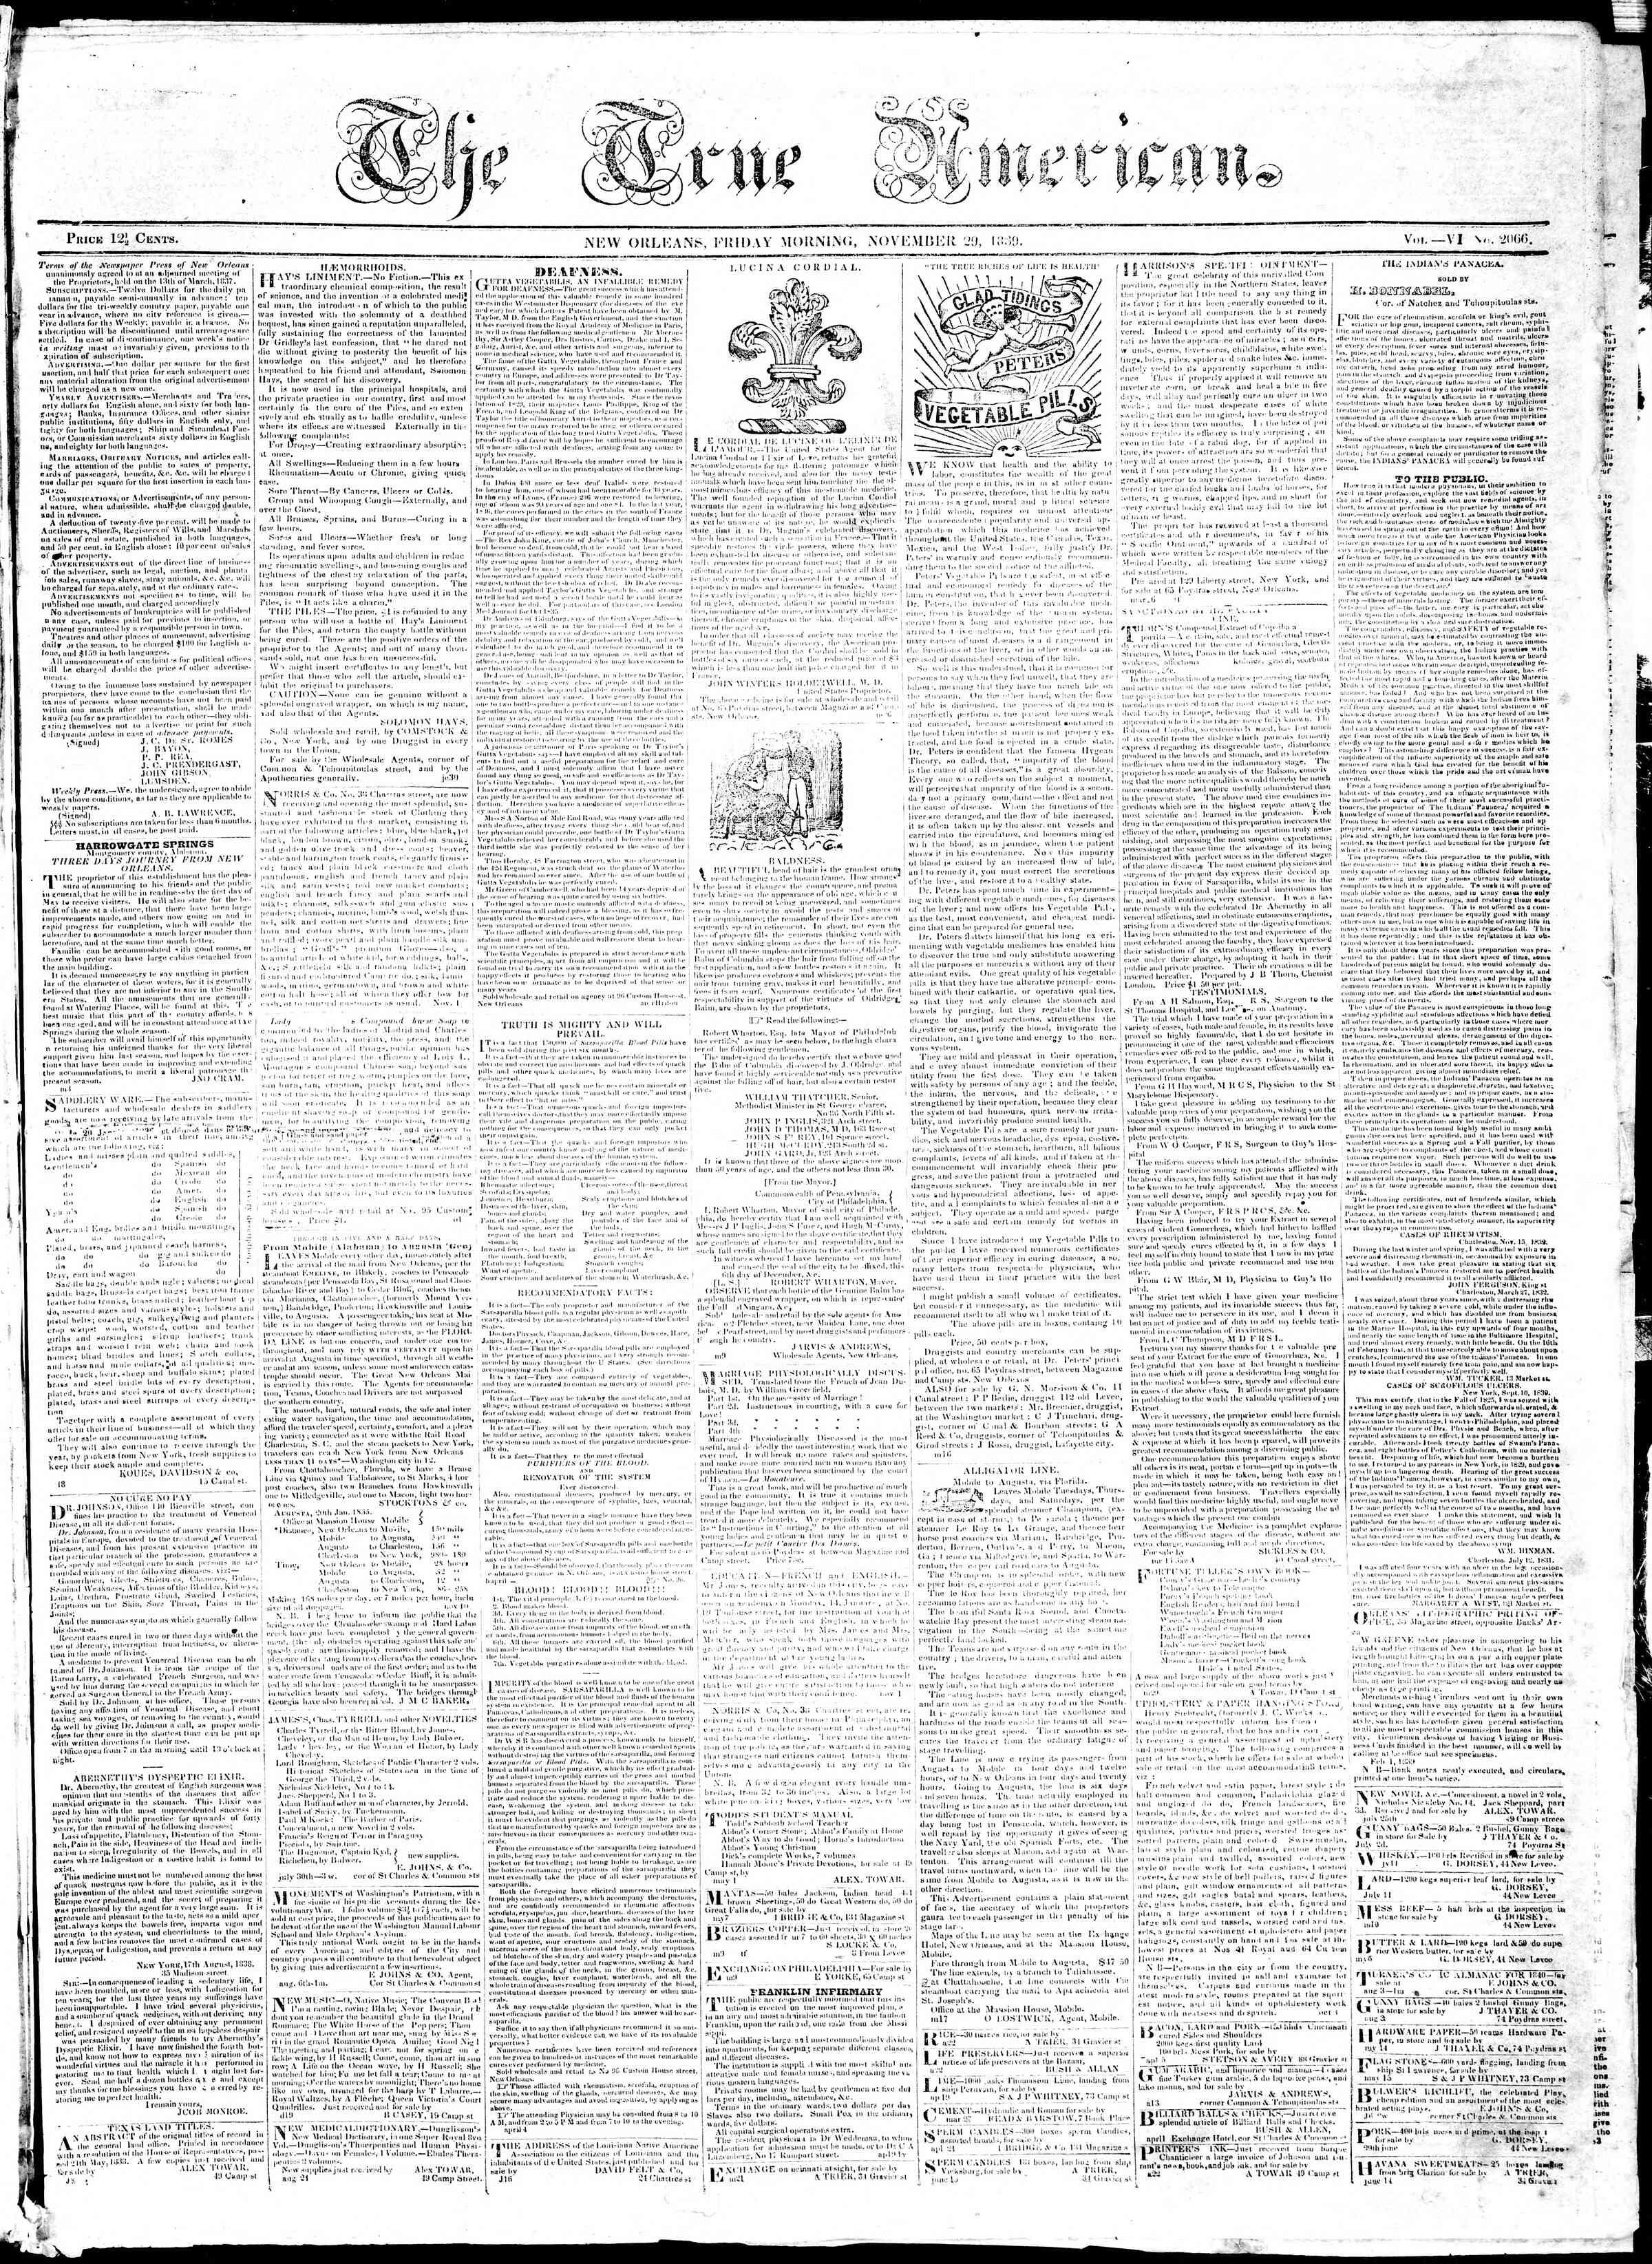 29 Kasım 1839 Tarihli True American Gazetesi Sayfa 1